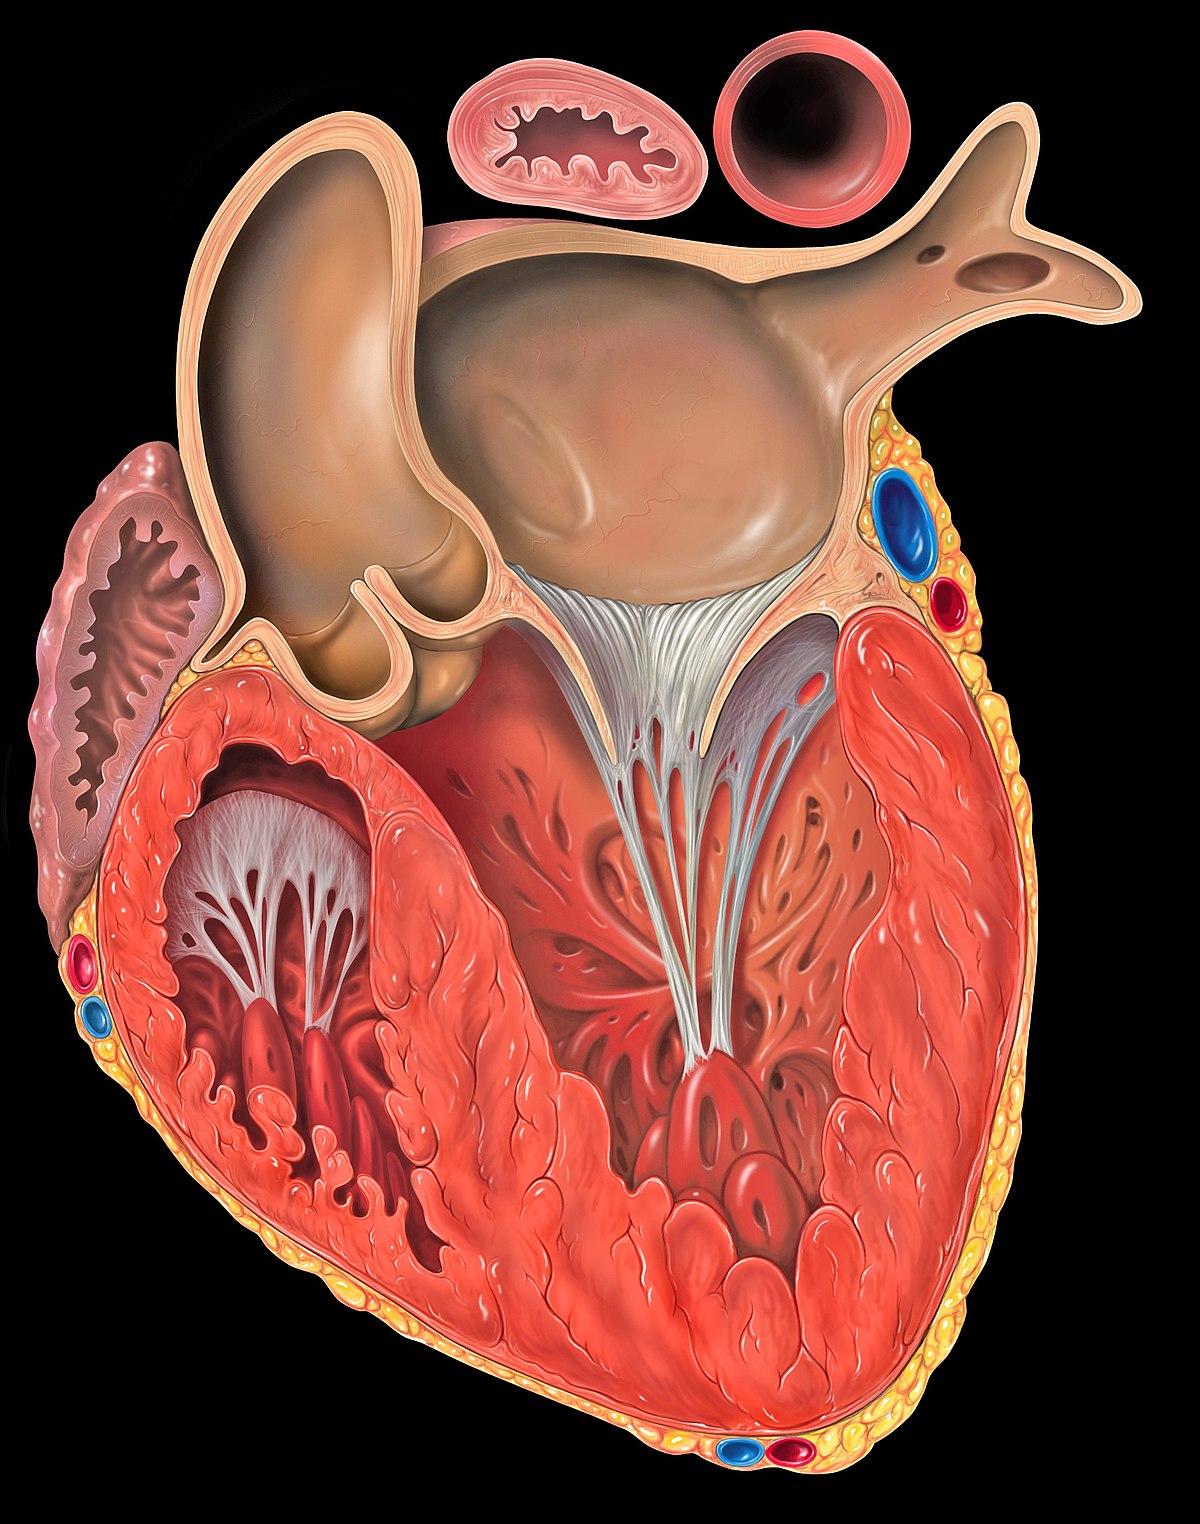 Aurícula (corazón) - Wikipedia, la enciclopedia libre